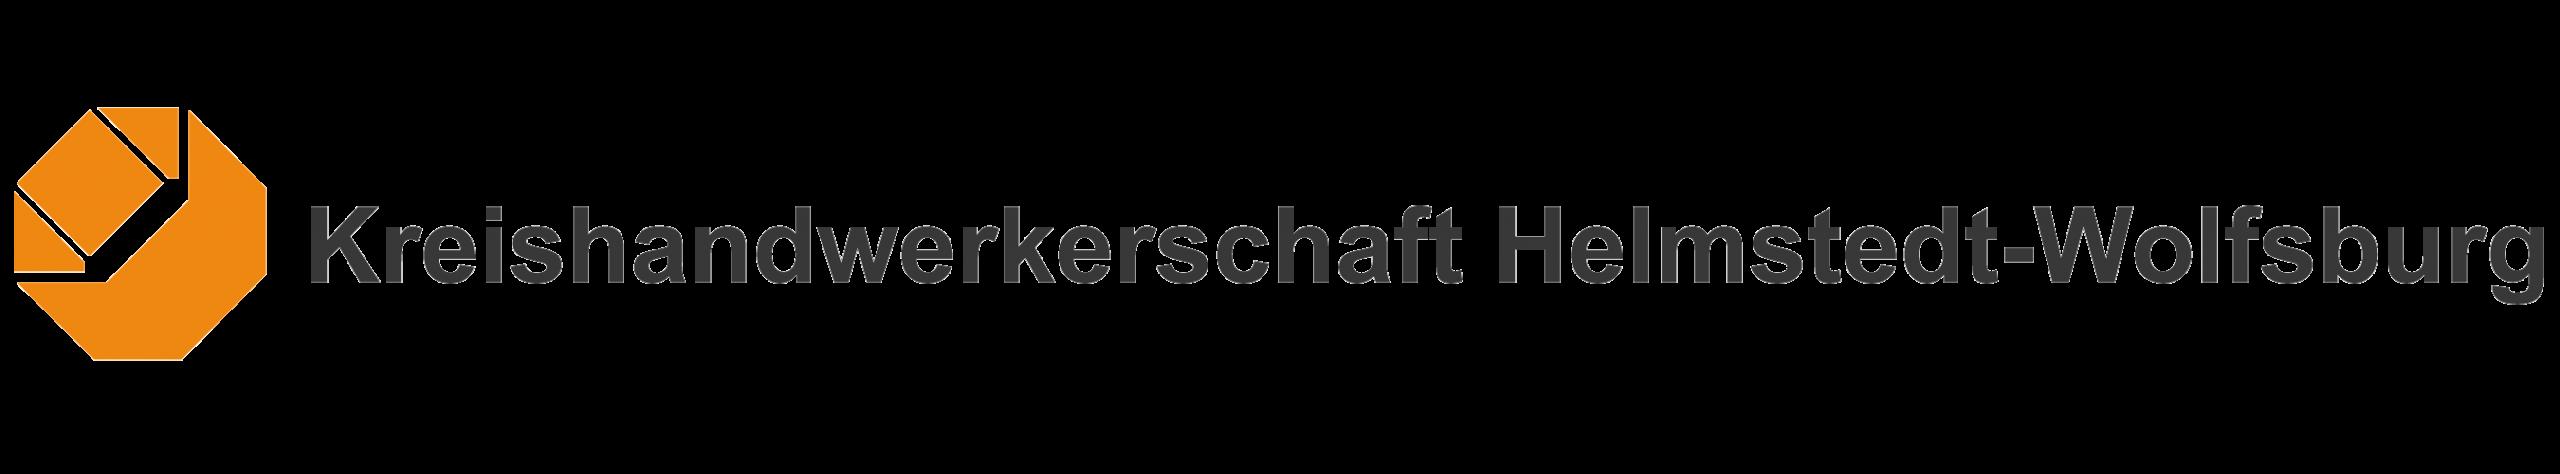 Kreihandwerkerschaft Helmstedt Wolfsburg